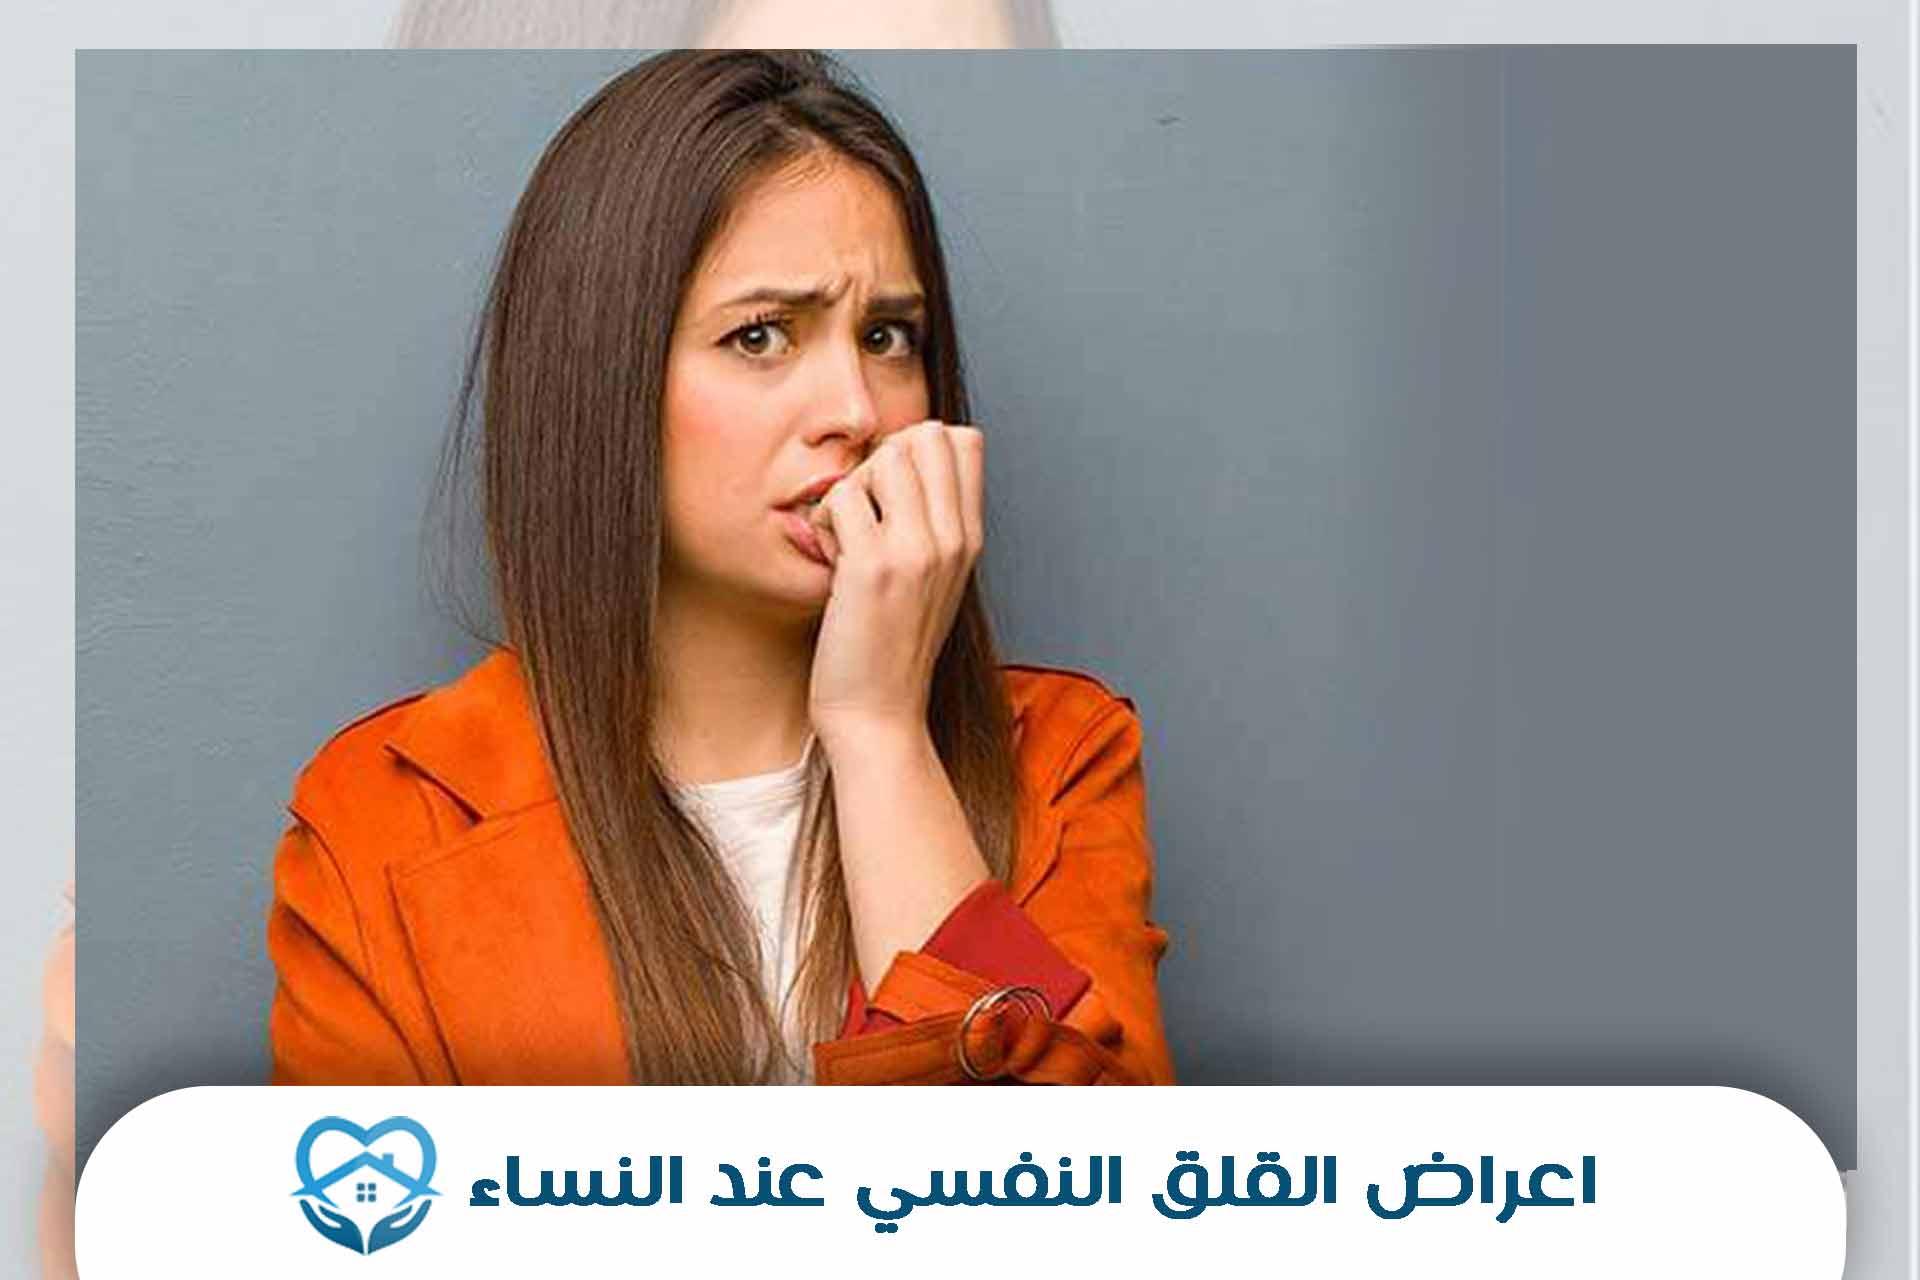 أعراض القلق النفسي عند النساء